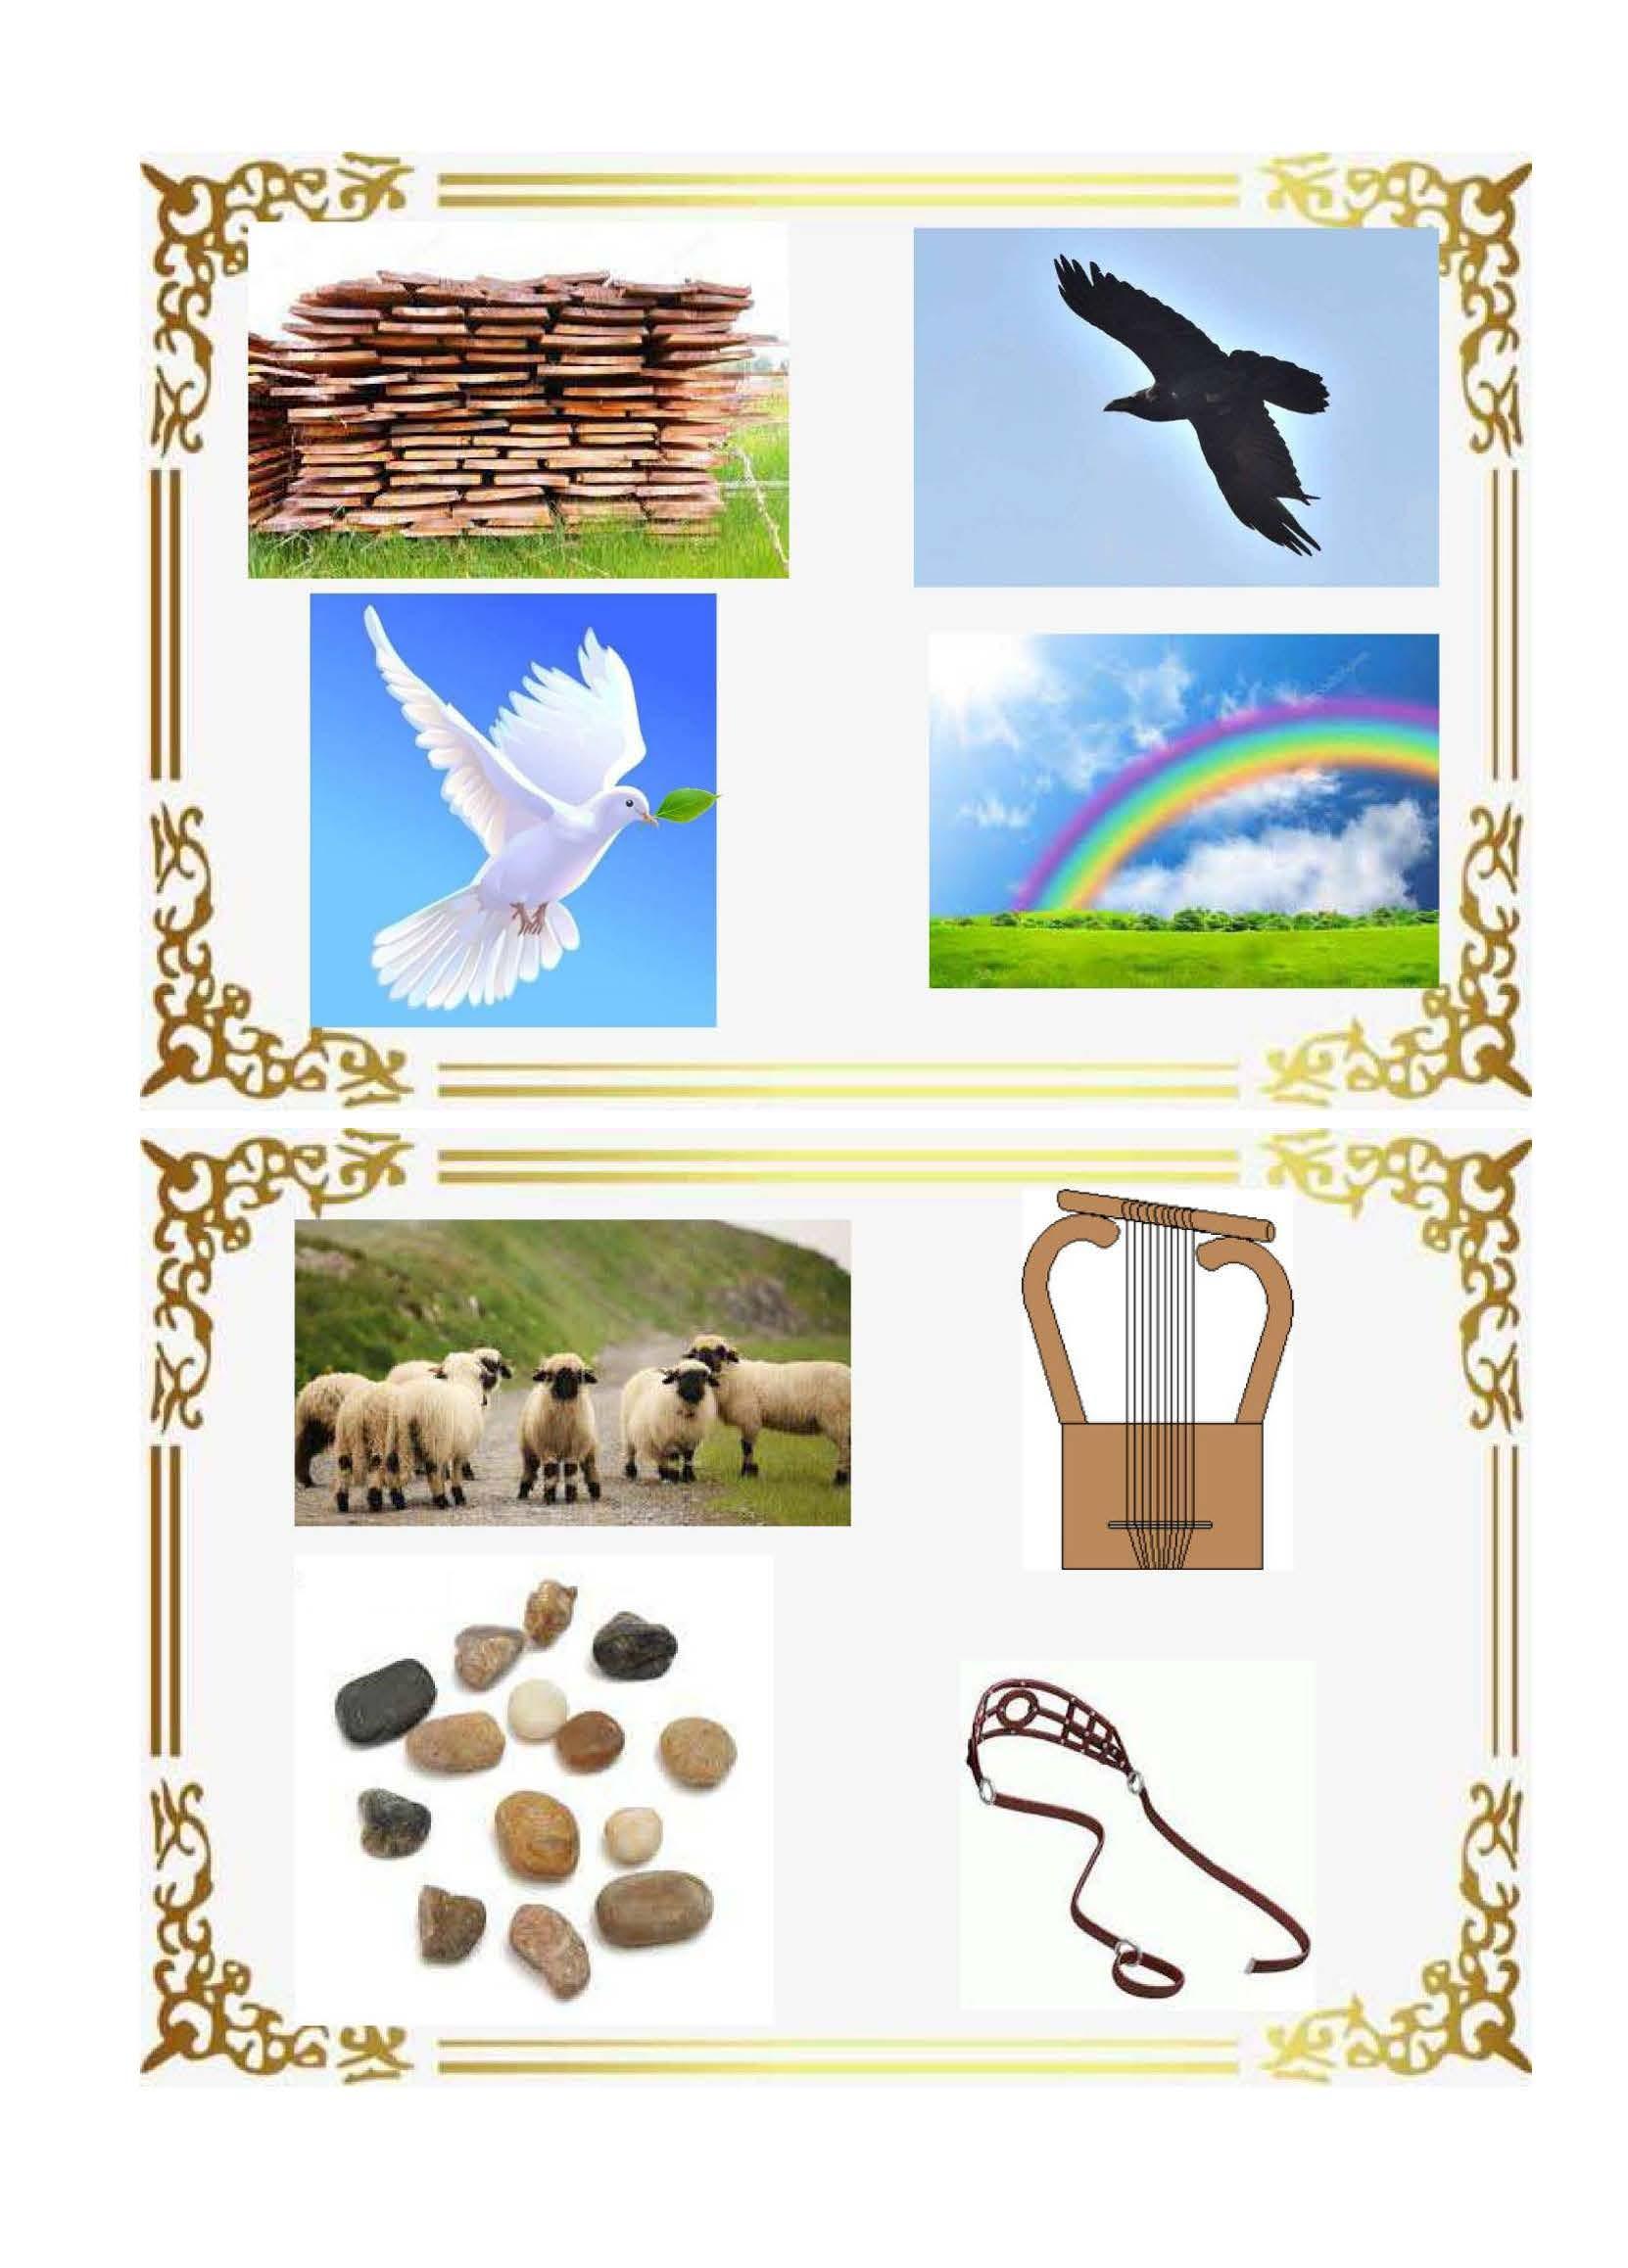 Віра (Прогулянка галереєю героїв віри) (урок для середніх класів)